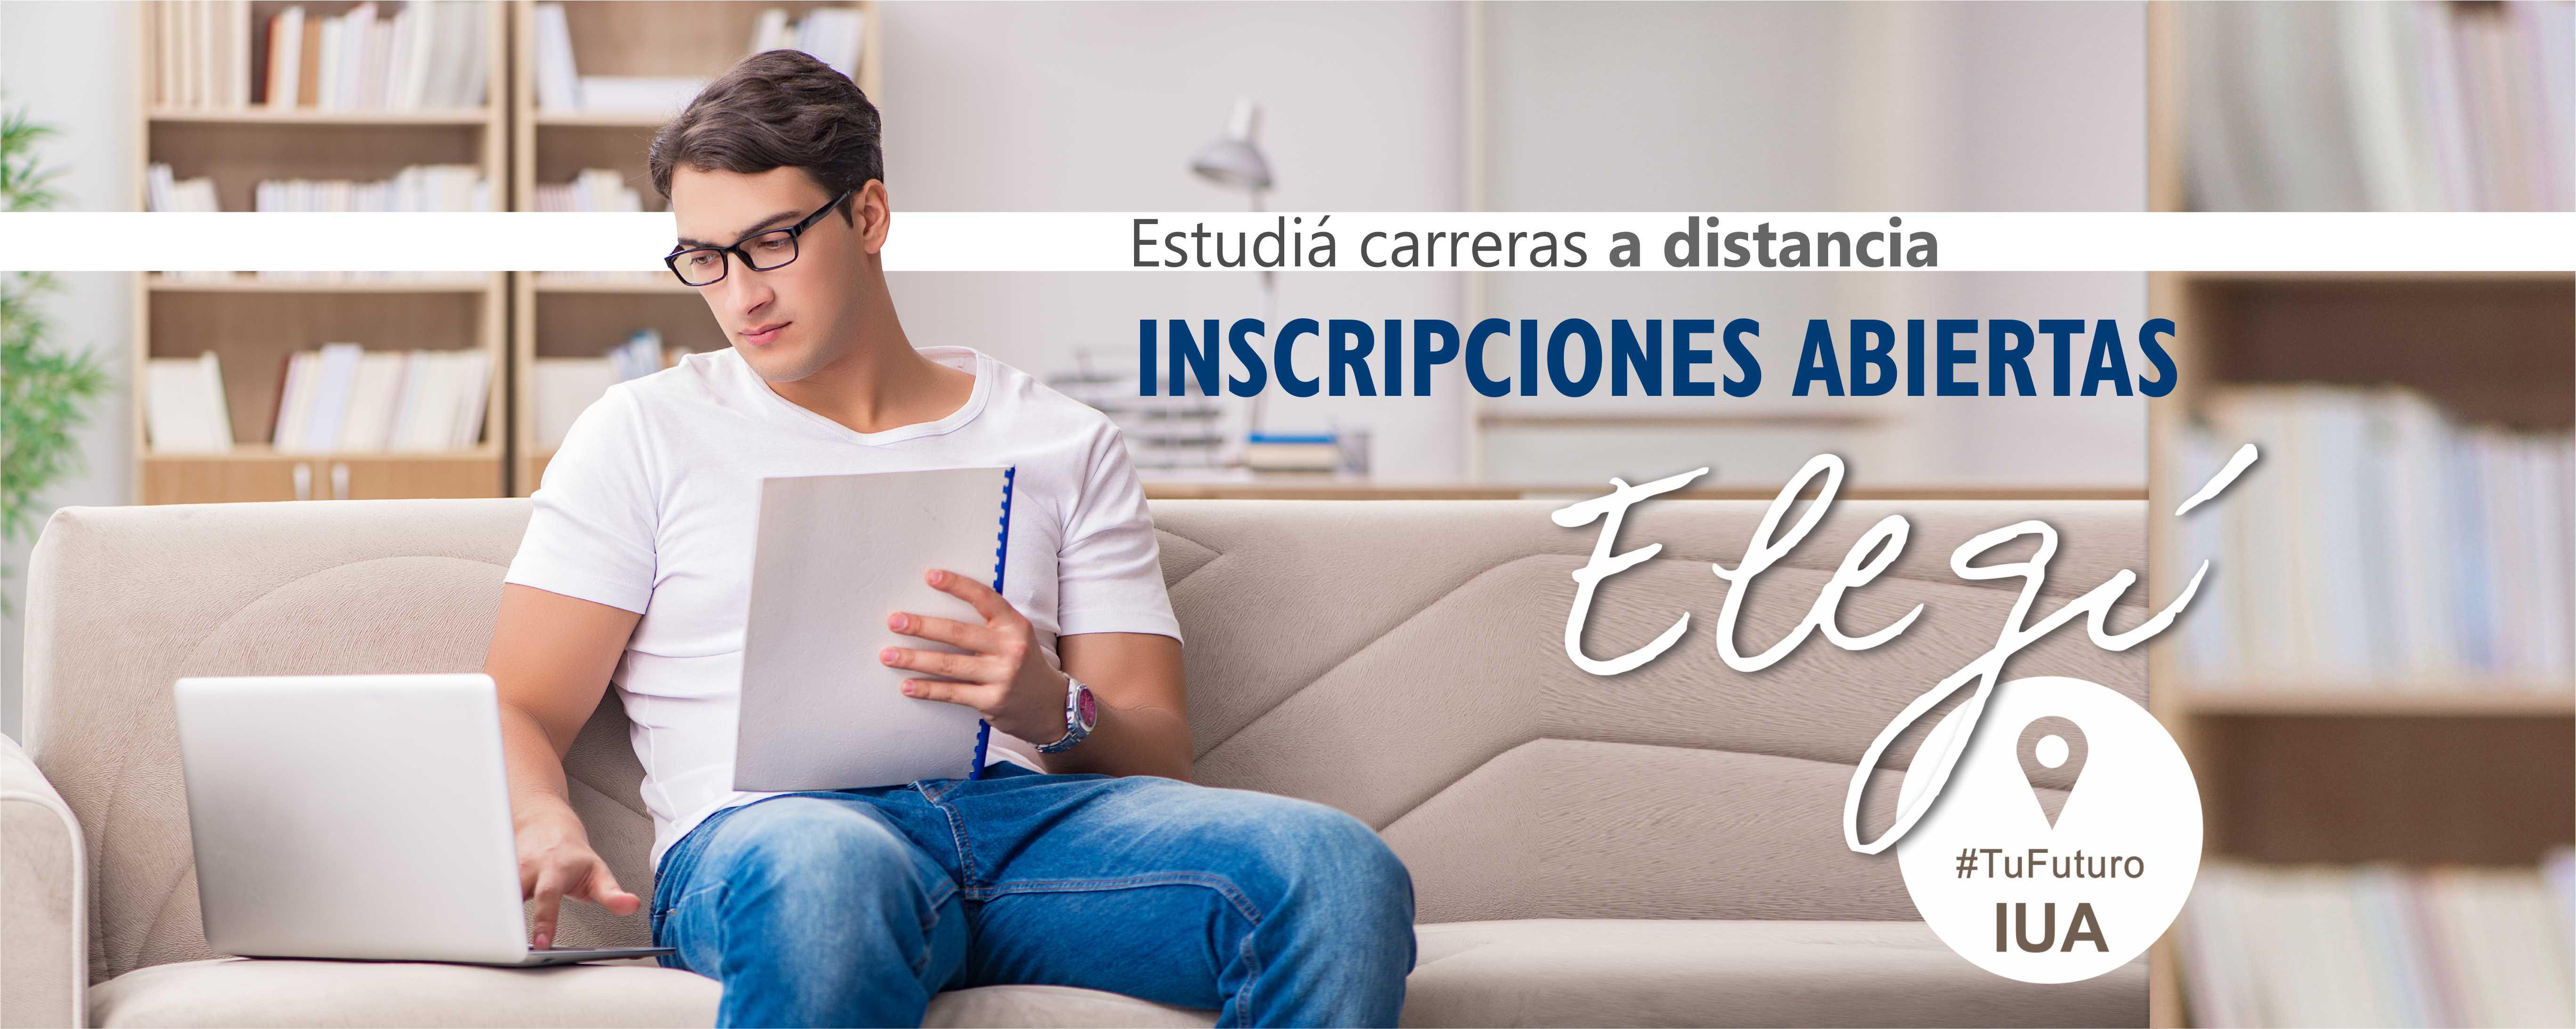 Inscripciones abiertas en Córdoba y Sedes para Curso de Ingreso en modalidad distancia y semipresencial – Inicio 2020